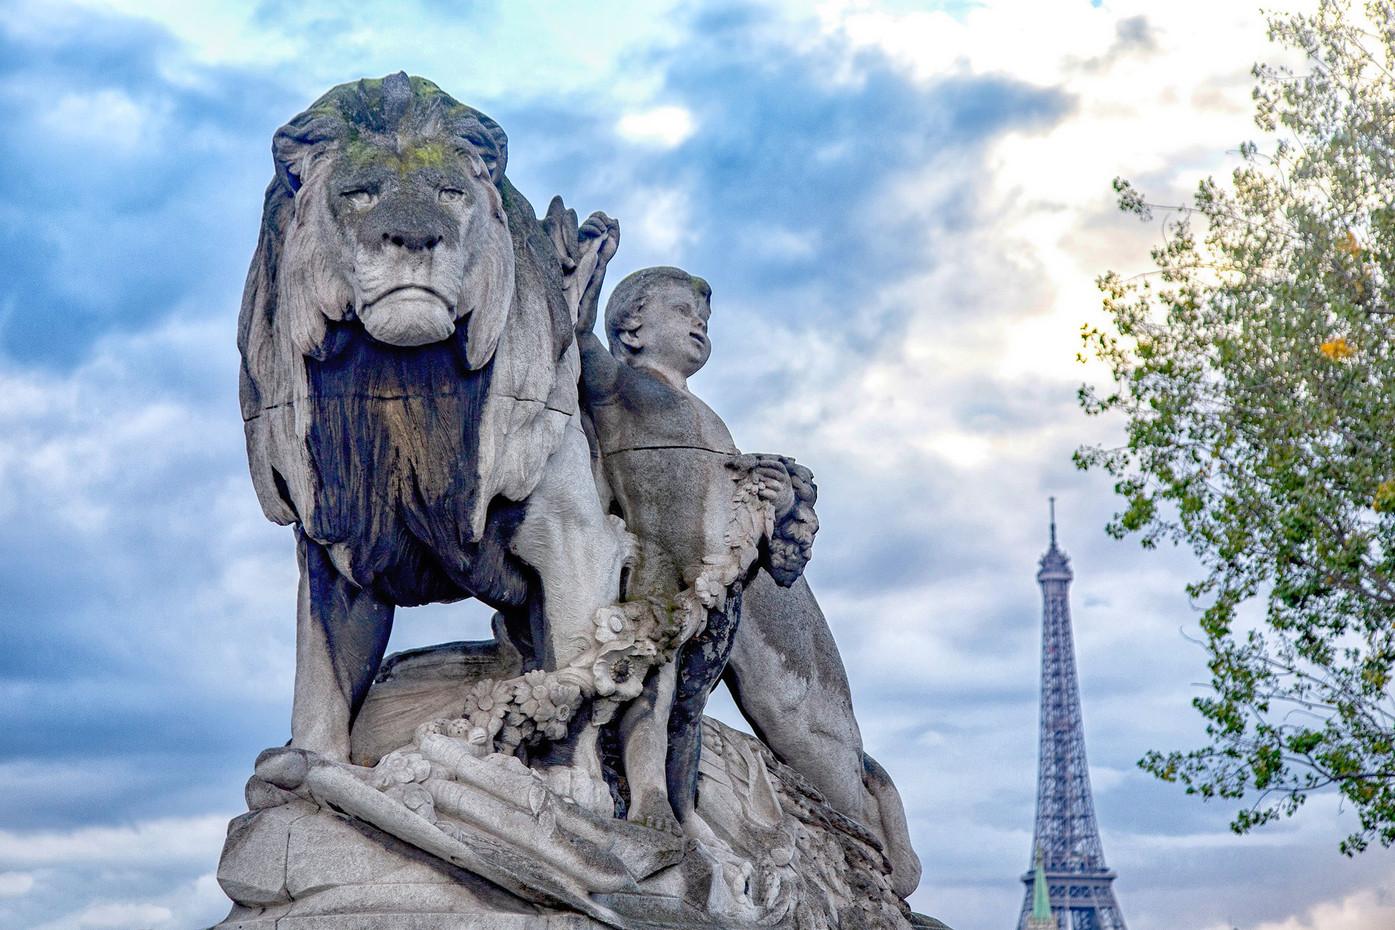 Alexander the III Bridge Statue in Paris, France